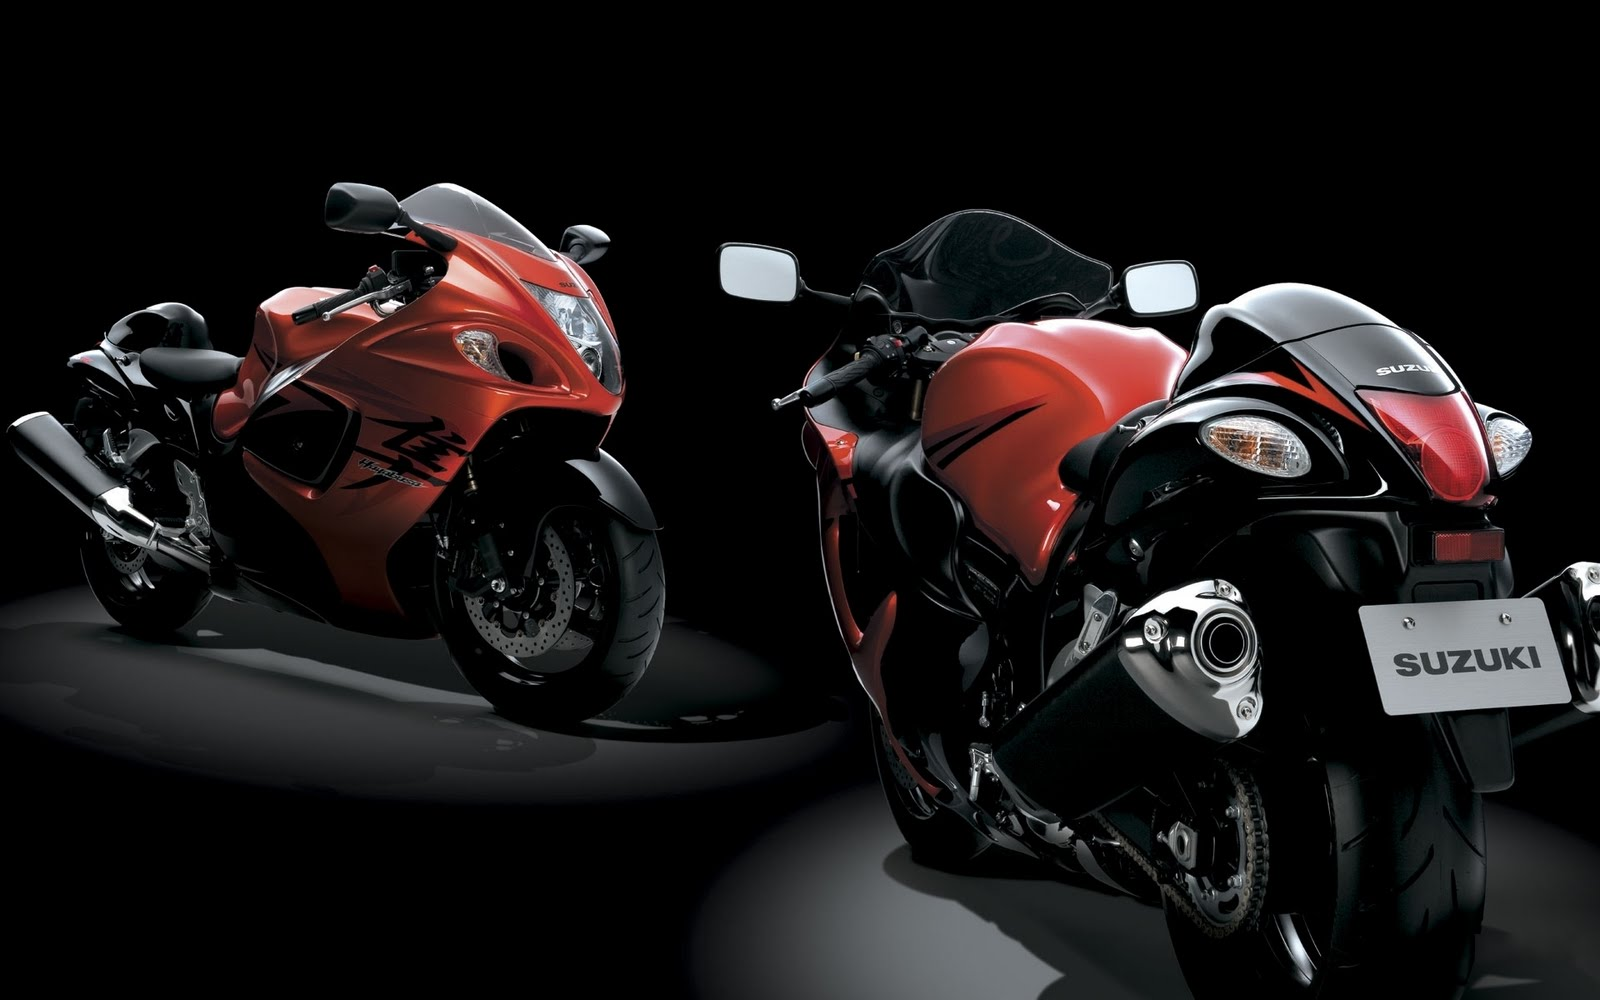 http://2.bp.blogspot.com/-pP7RLothVBI/TdKy8IquQHI/AAAAAAAAAN0/tBbW8q4X3_o/s1600/bikes%2B%25252812%252529.jpg